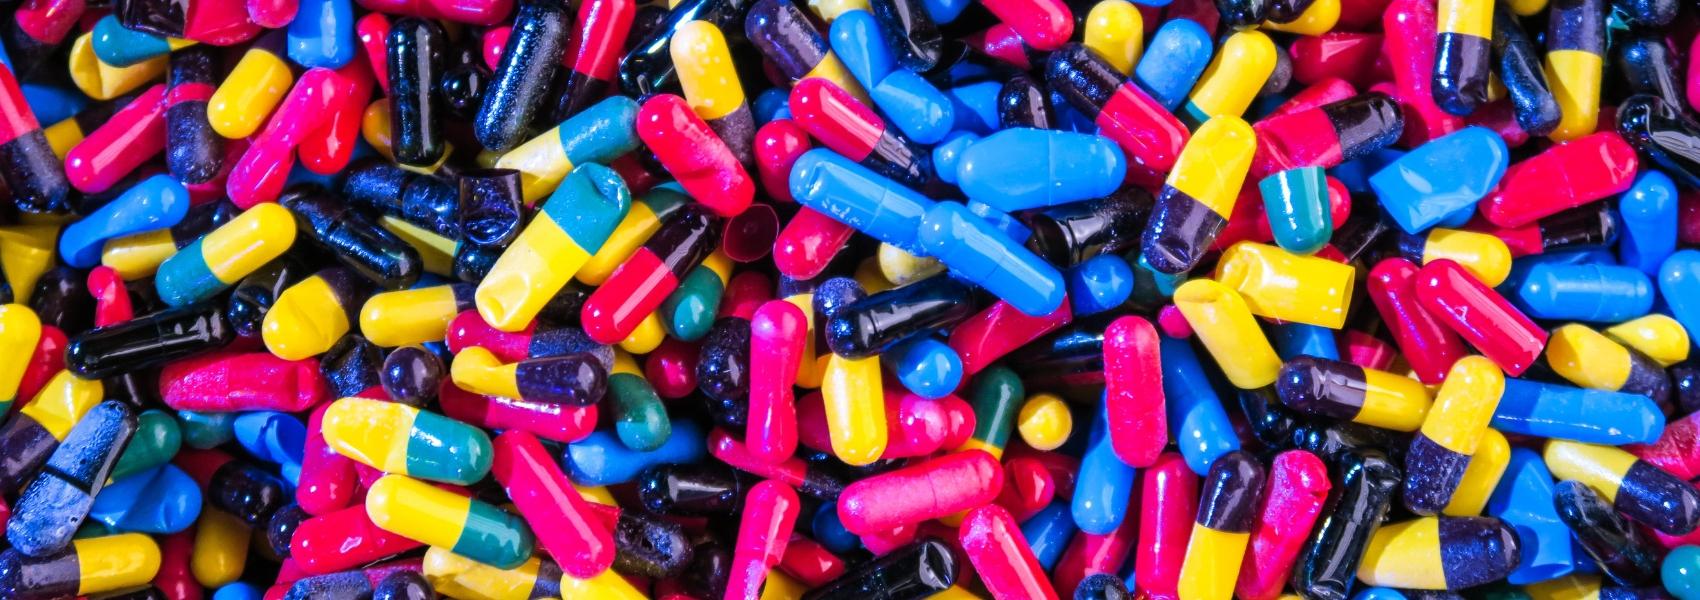 medicamentos ilegais apreendidos